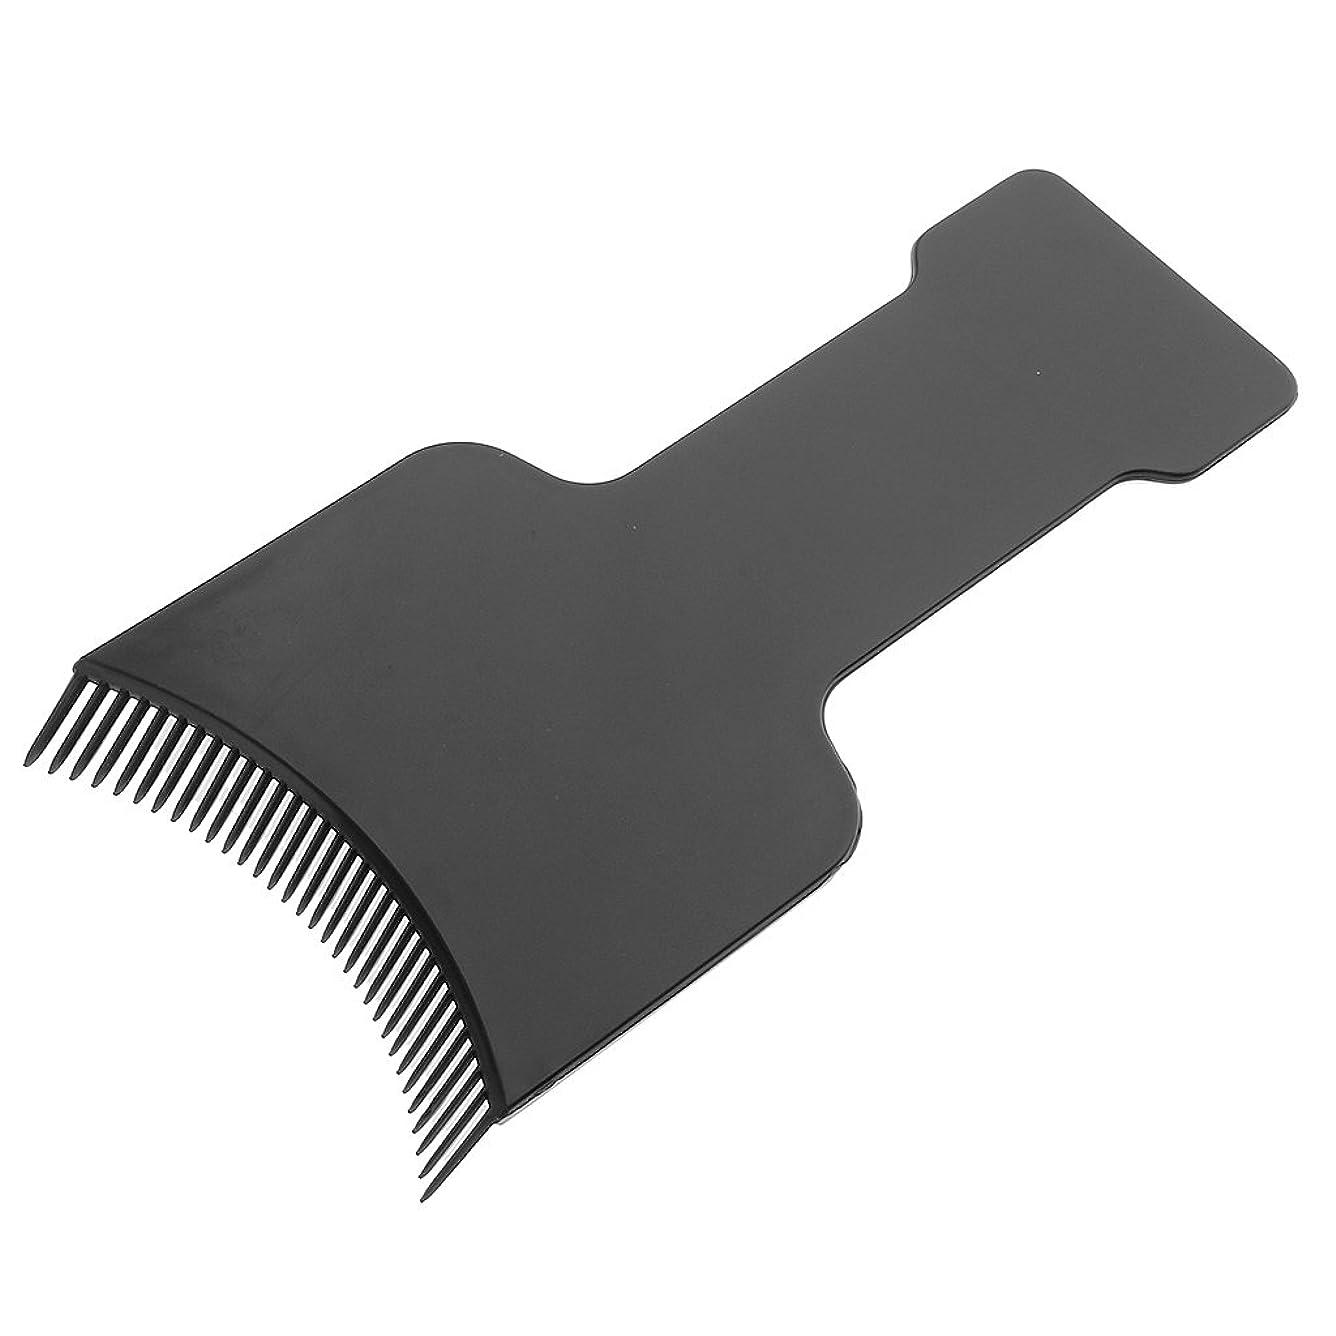 アームストロング強化するルーフFenteer ヘアカラー ボード 髪 染色 ツール ブラック 全4サイズ - S